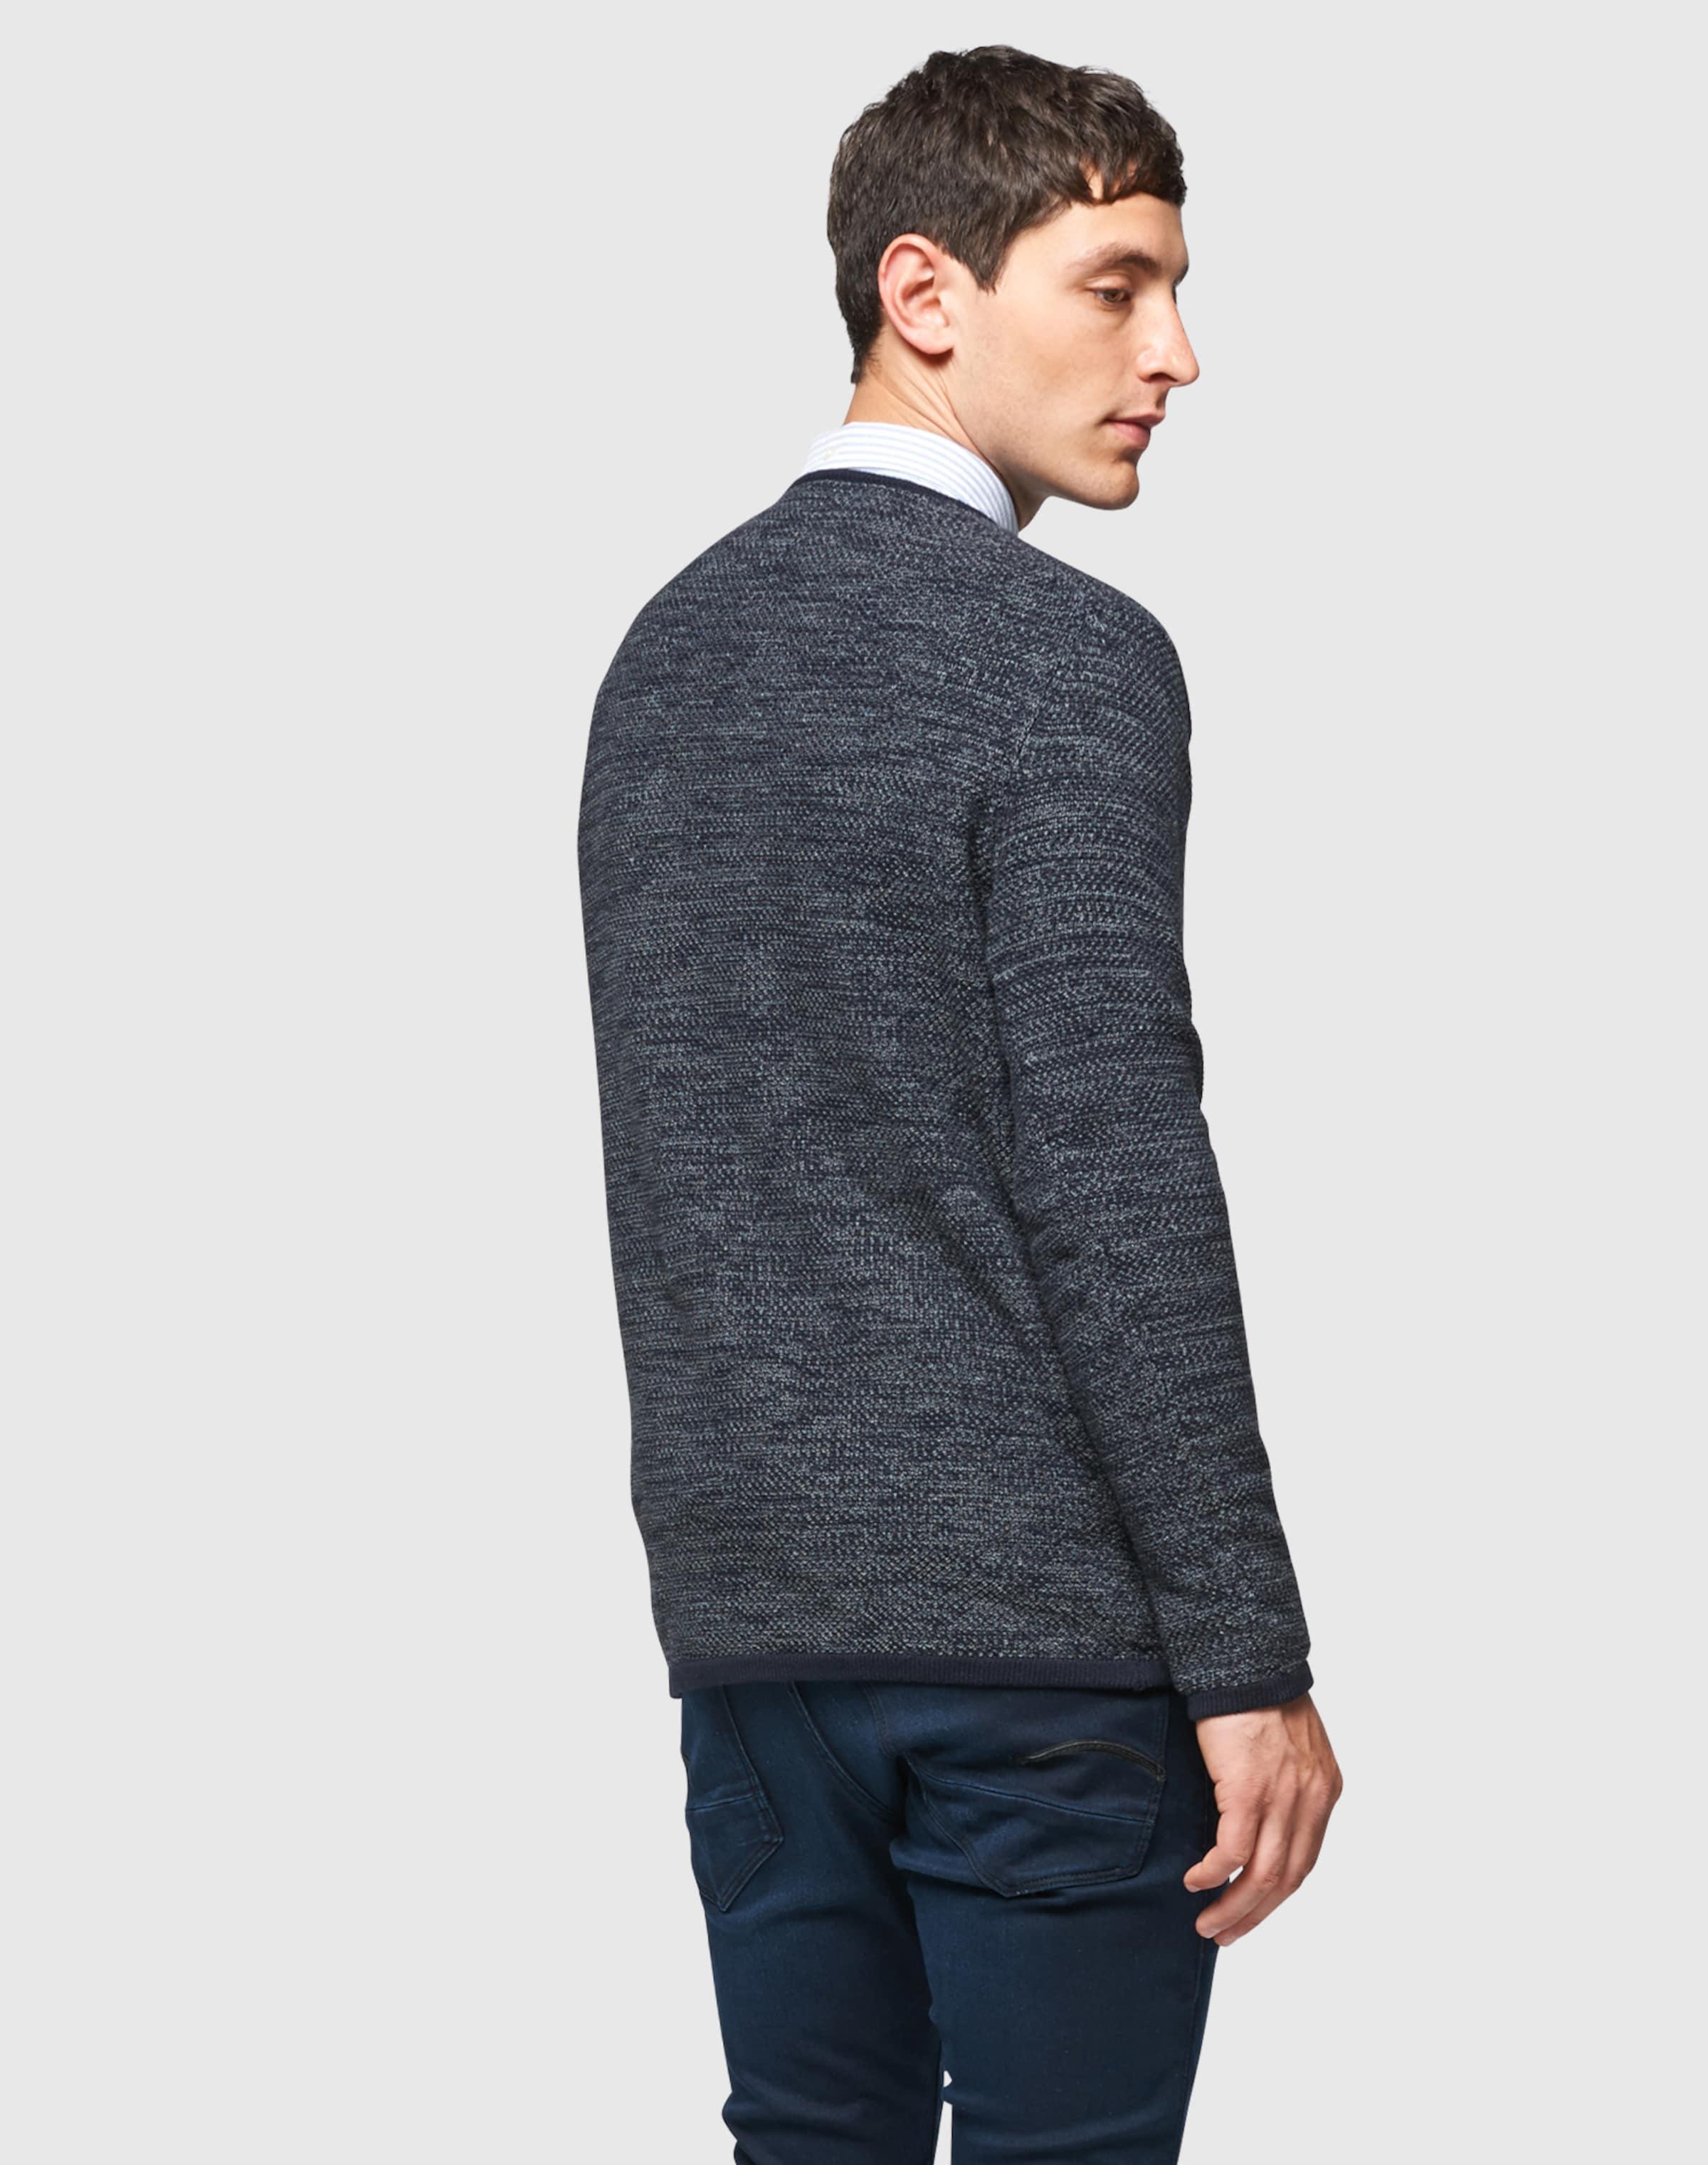 minimum Pullover 'Reiswood' Steckdose In Deutschland Verkauf Wirklich Suche Nach Online V3LJO